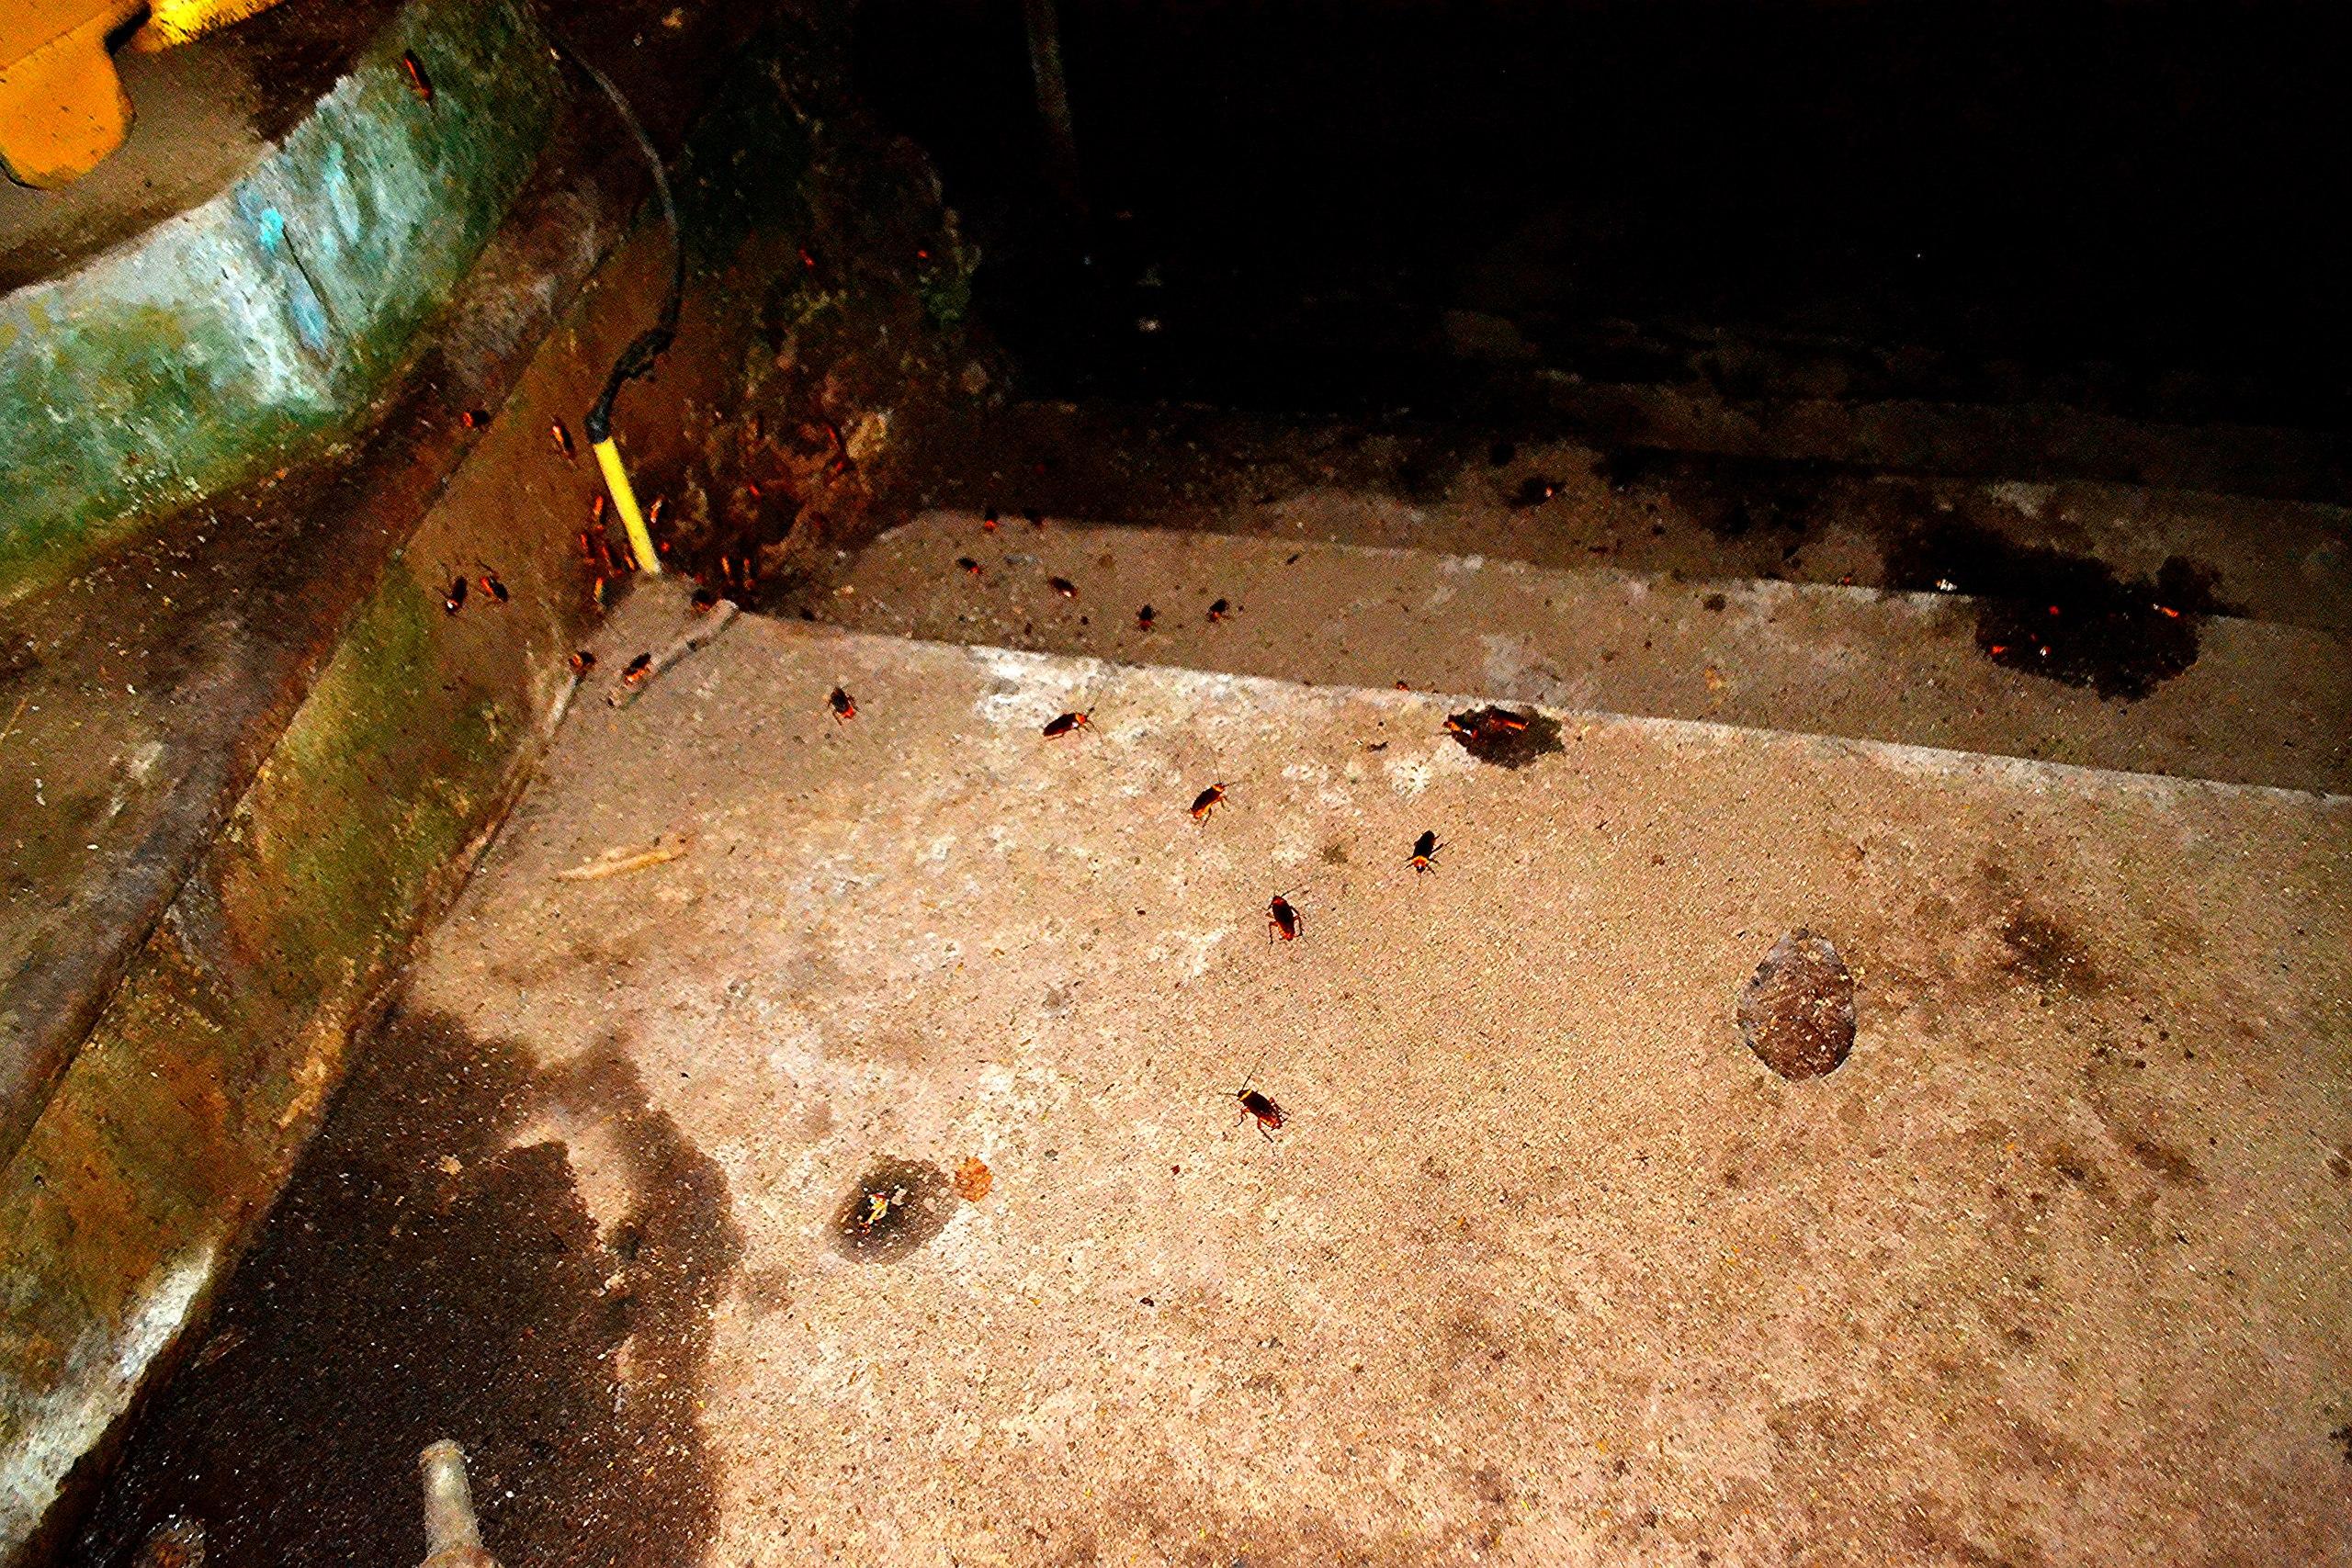 Елена Руденко (Валтея). Таиланд. Таиланд. Paтчaбуpи: Пещера страха, Пещера мышей, Буддийский храм C098Bvt8Uic